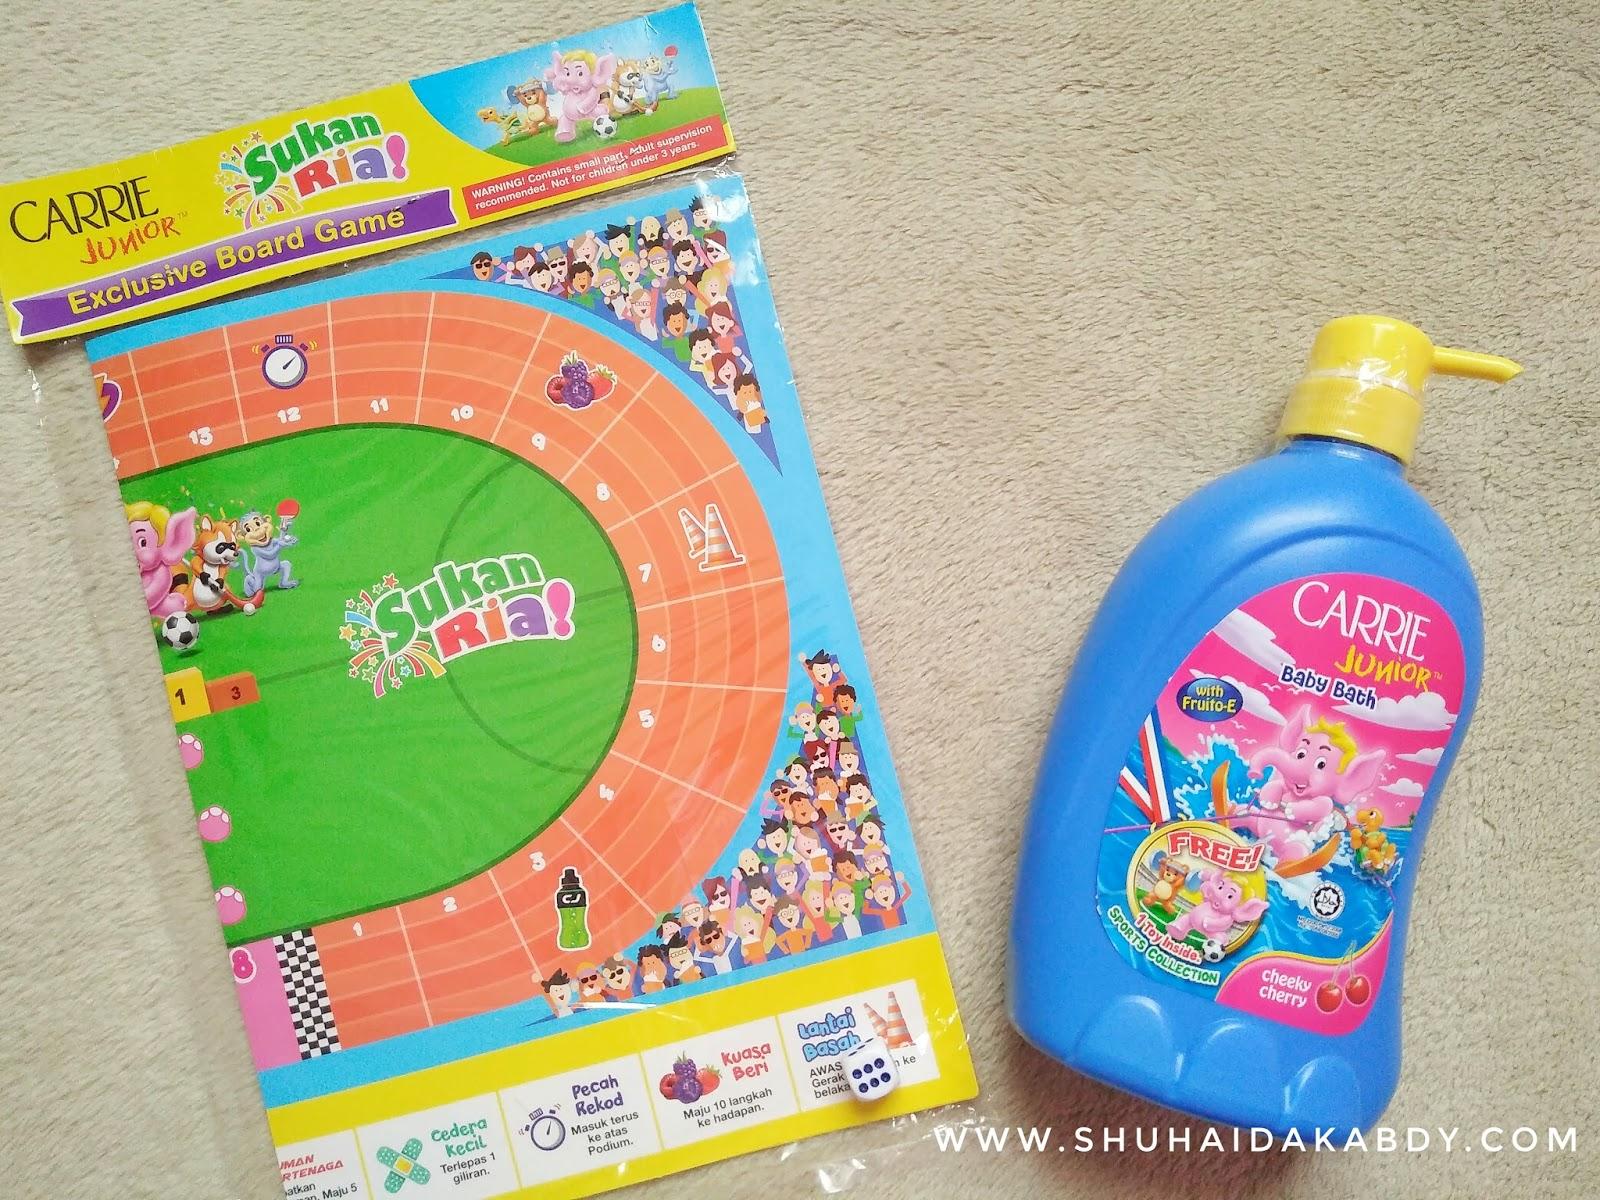 Mandian Carrie Junior Baru Dengan Koleksi Mainan Sukan Ria